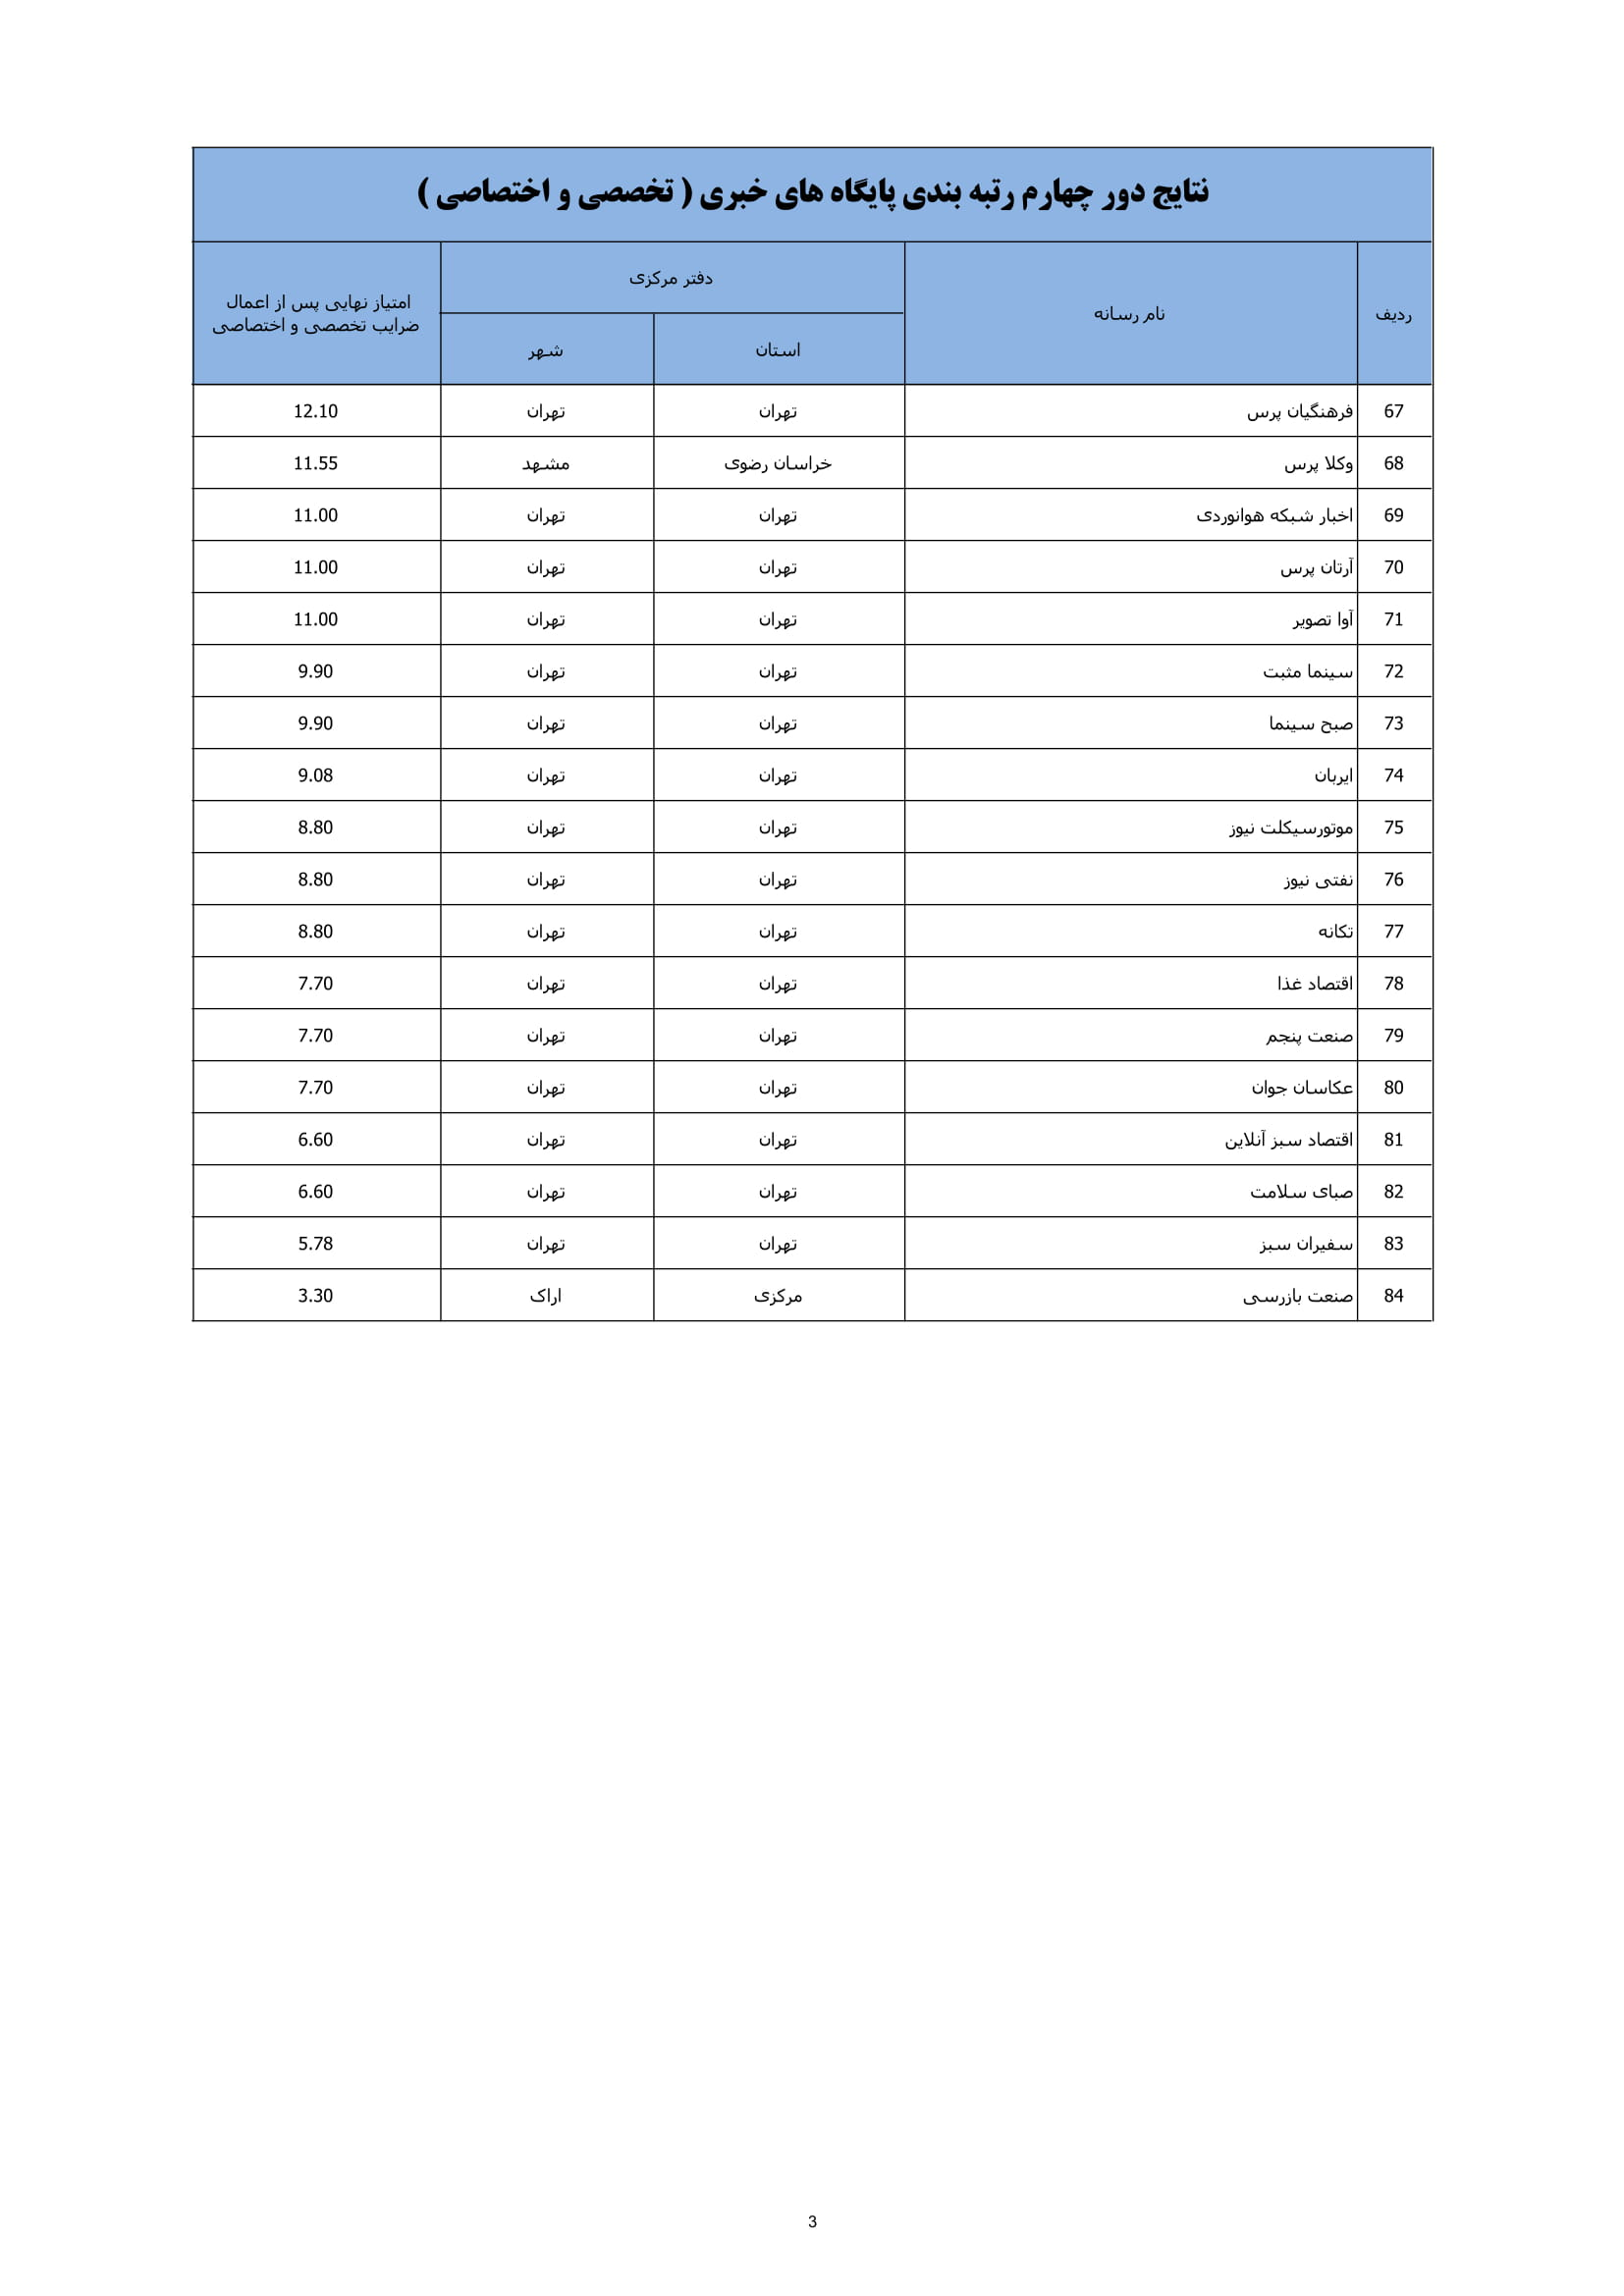 رتبه بندی پایگاه های خبری تخصصی و اختصاصی